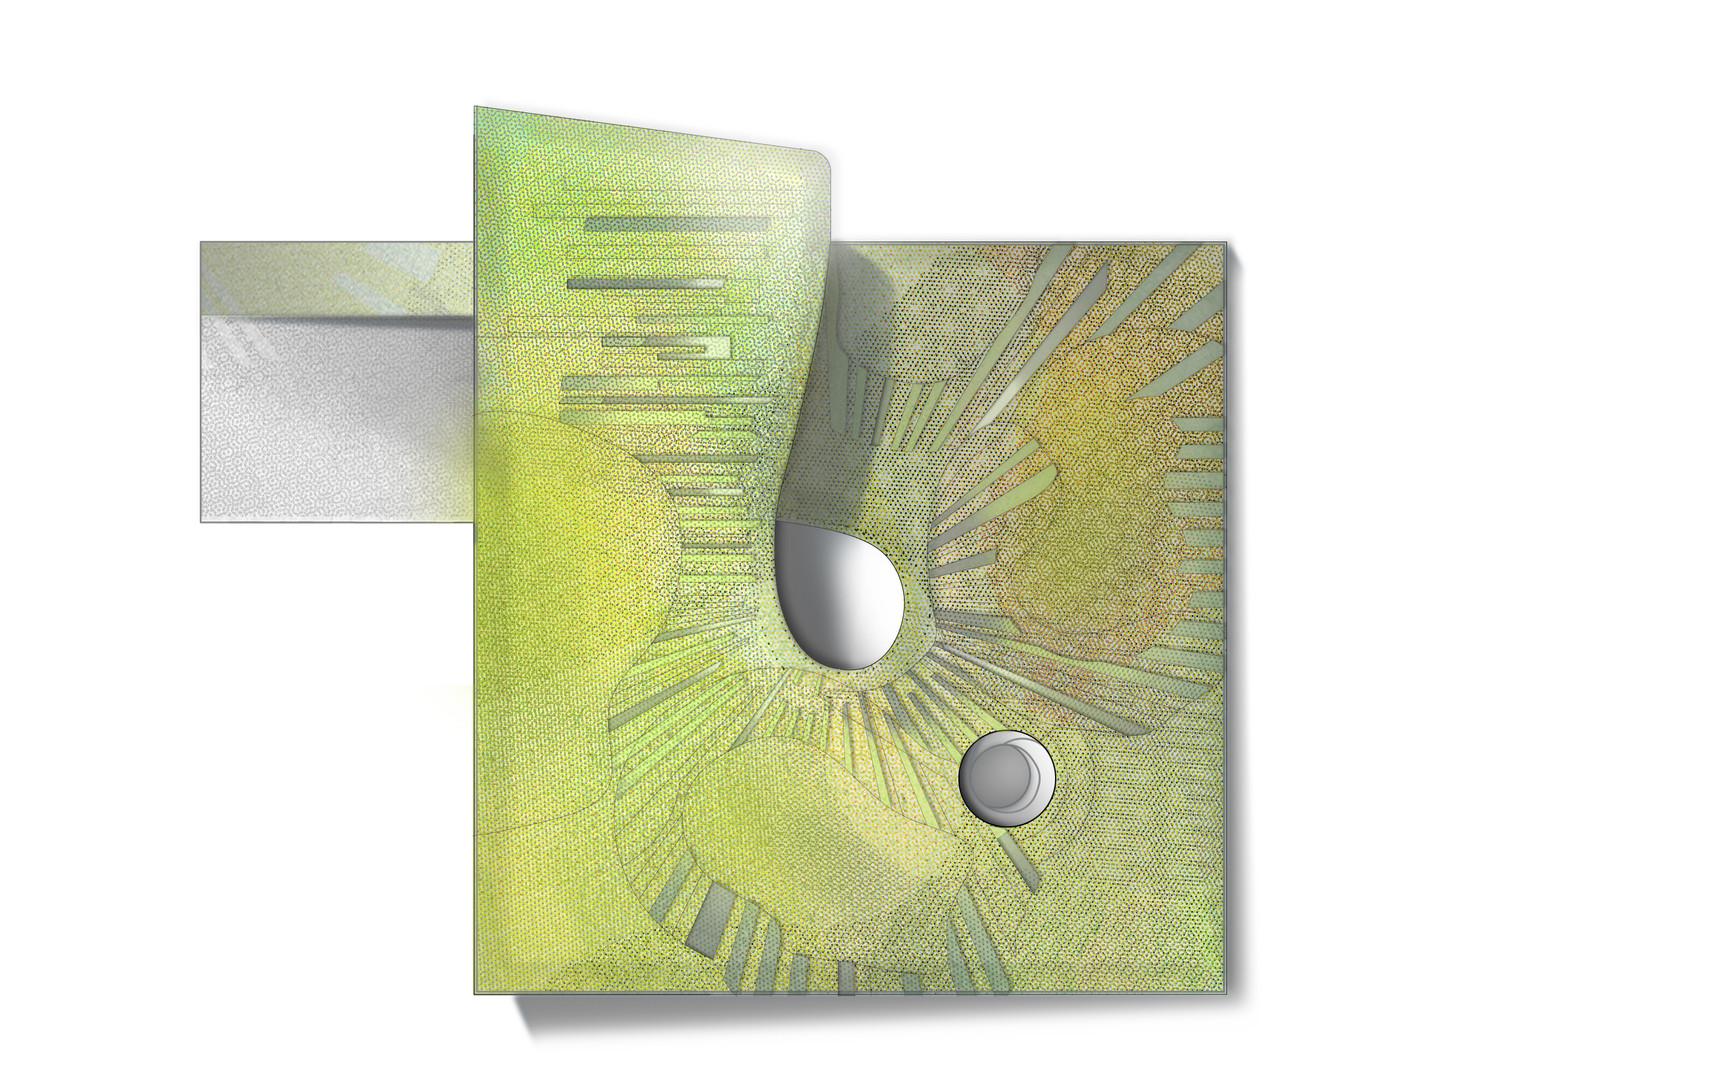 2011-10-04_ROOF PLAN Model (1) (1).jpg